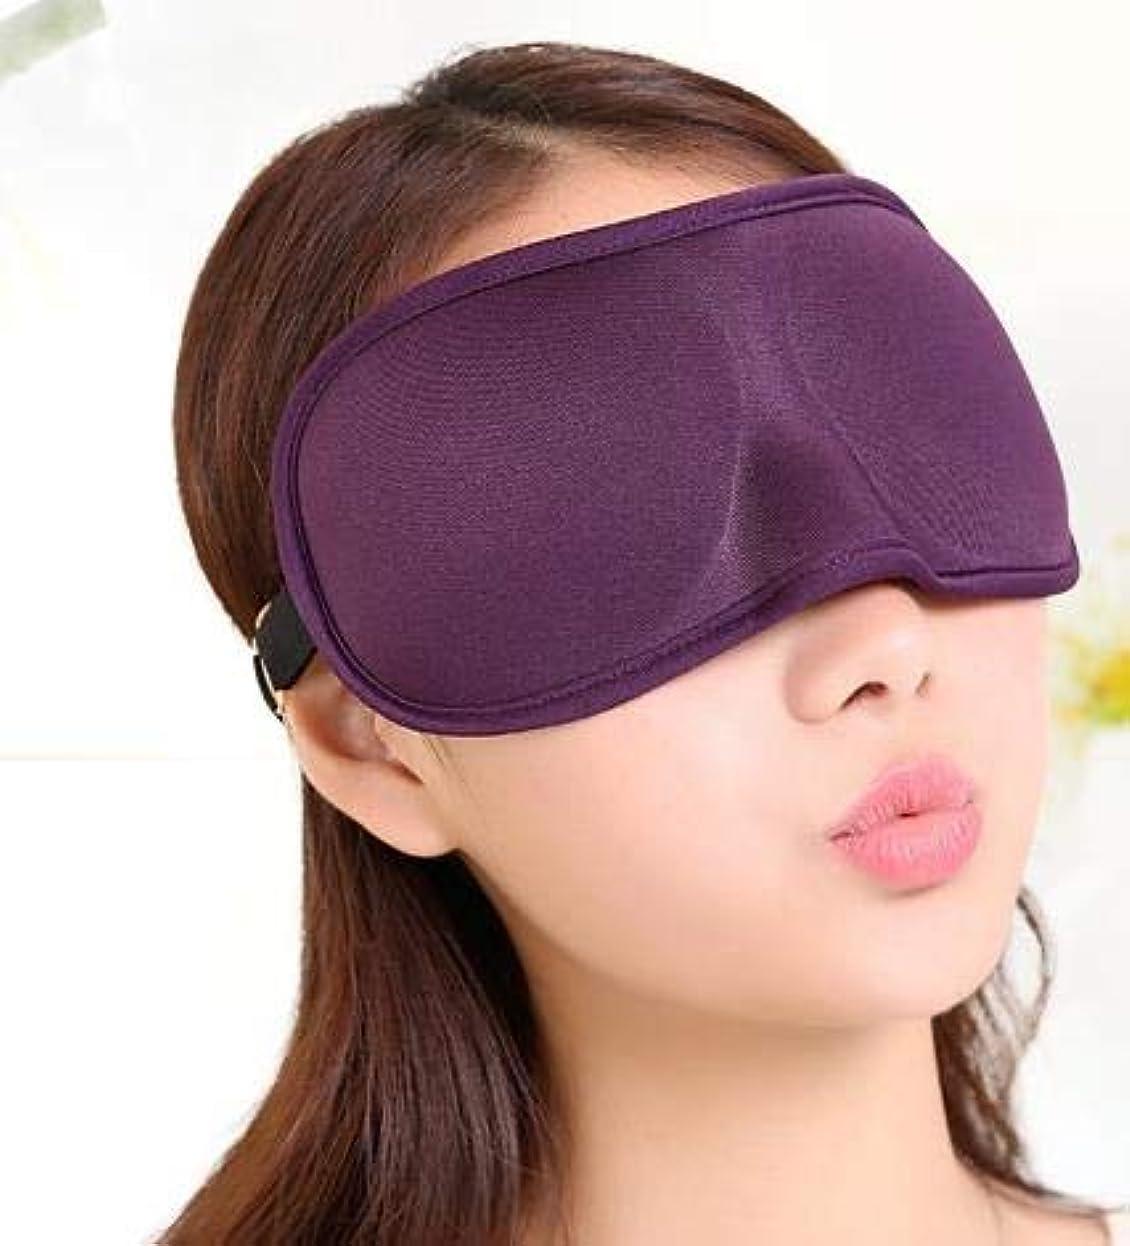 蒸気ふくろうマイクNOTE 3D超ソフト通気性ファブリックアイシェード睡眠アイマスクポータブル旅行睡眠休息エイドアイマスクカバーアイパッチ睡眠マスク